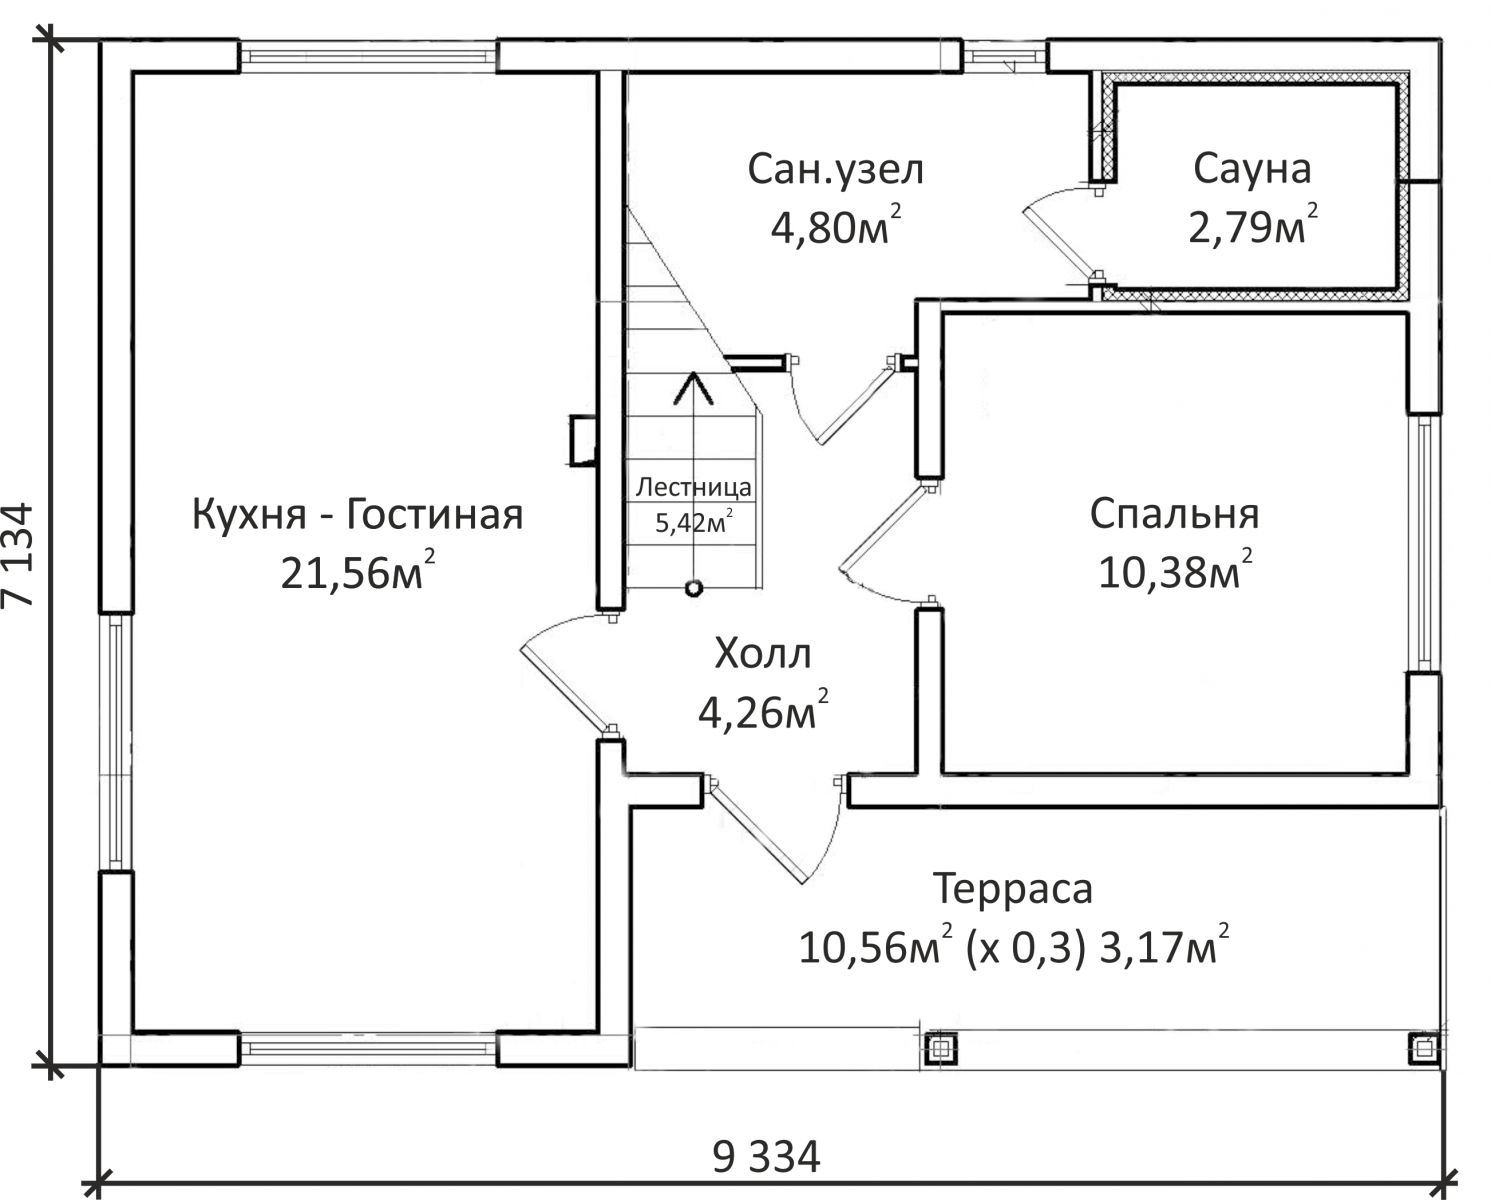 Eney_lodzhiya_plan_1_site